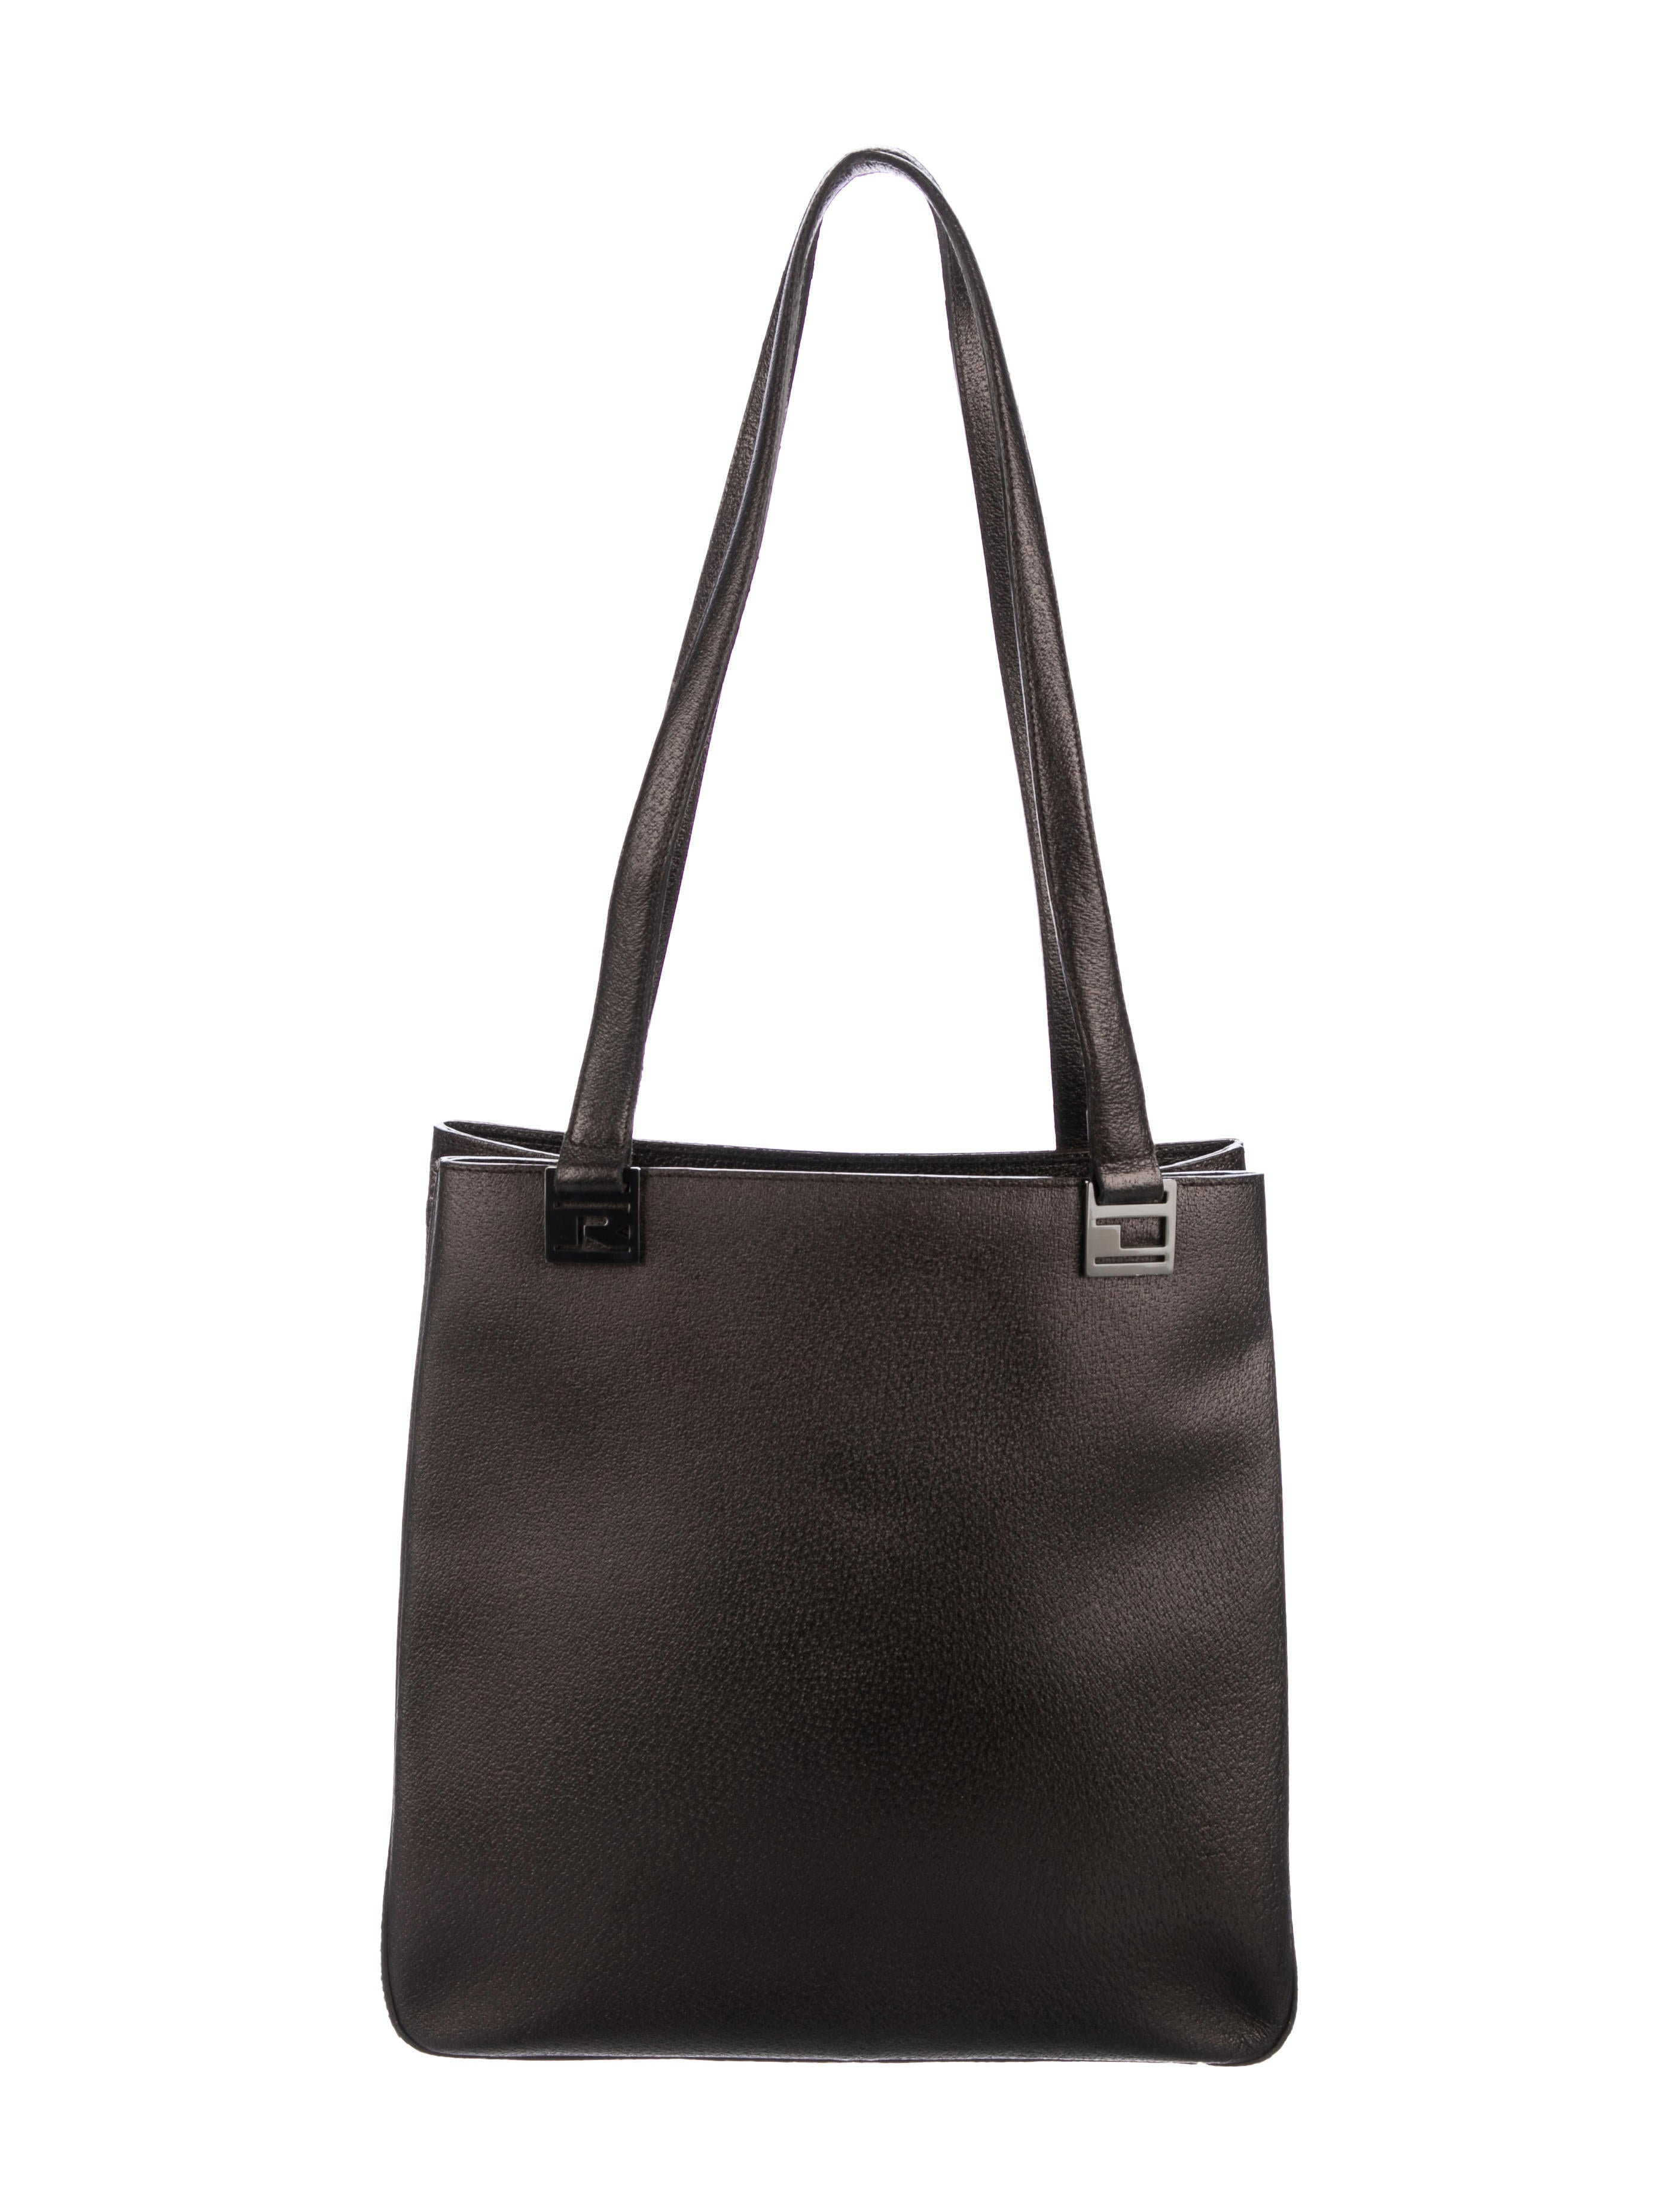 5d776ba415d0 Ralph Lauren Metallic Textured Leather Tote - Handbags - WYG34728 ...